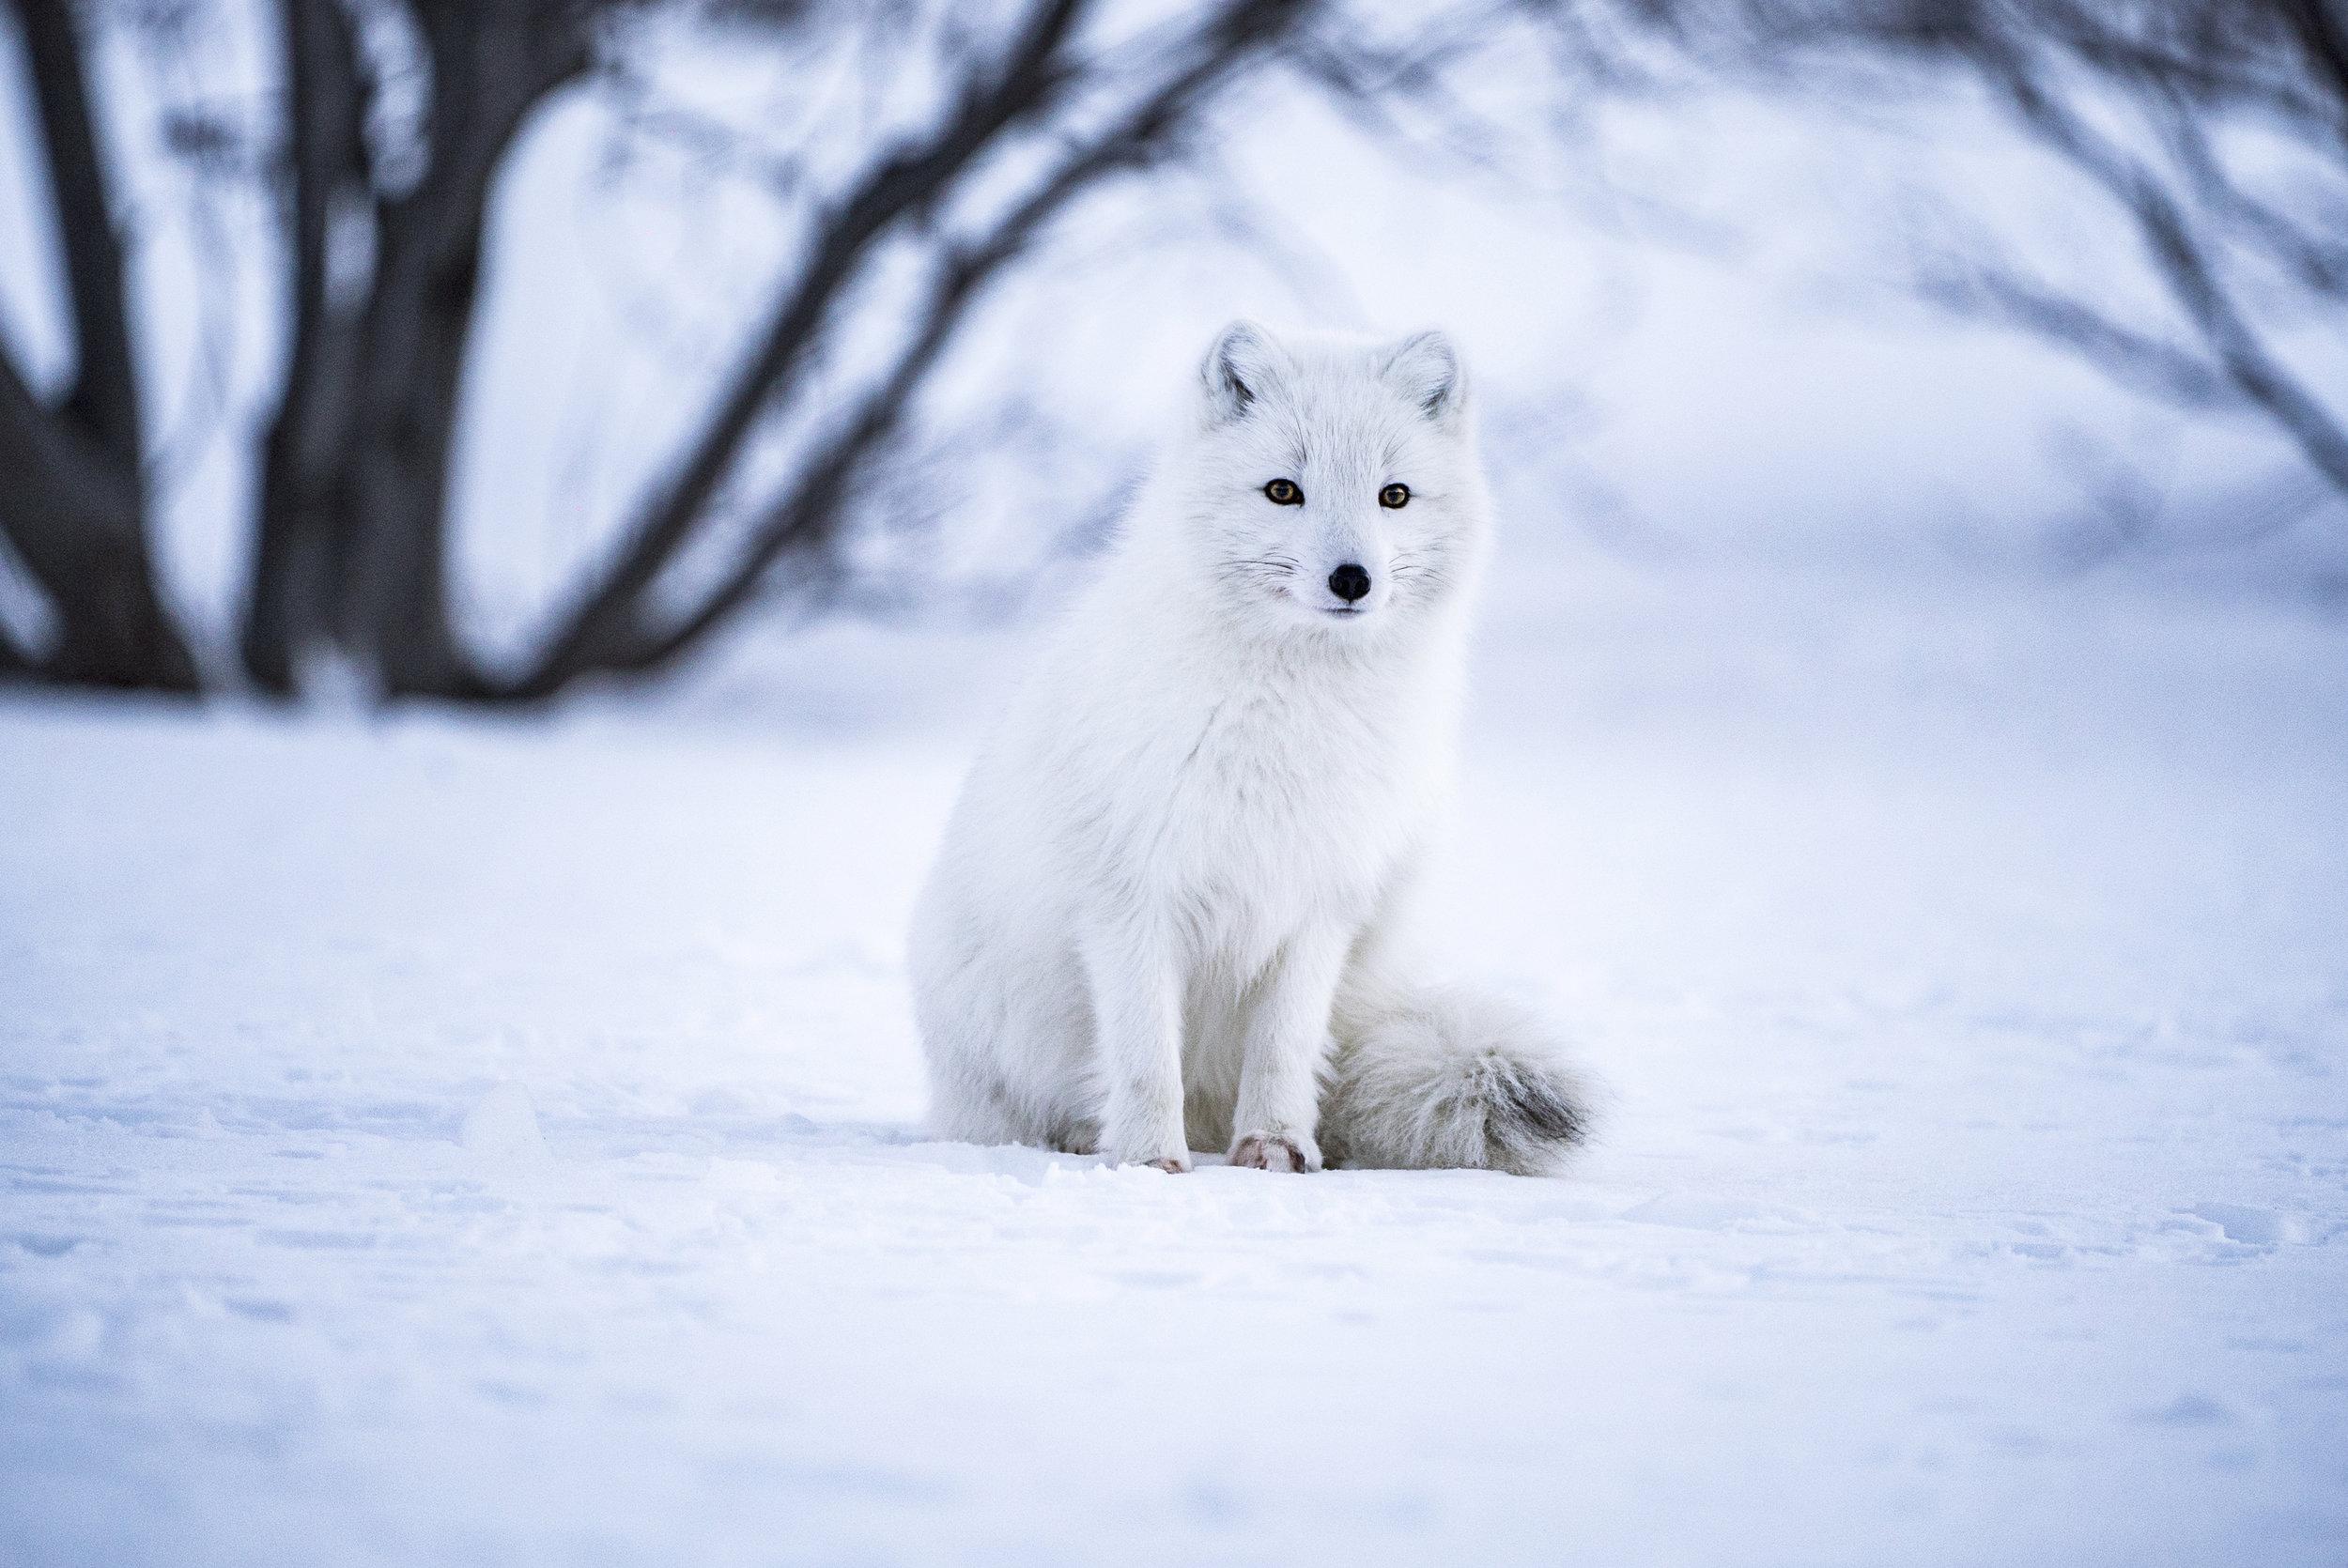 Foxy fox - So cute